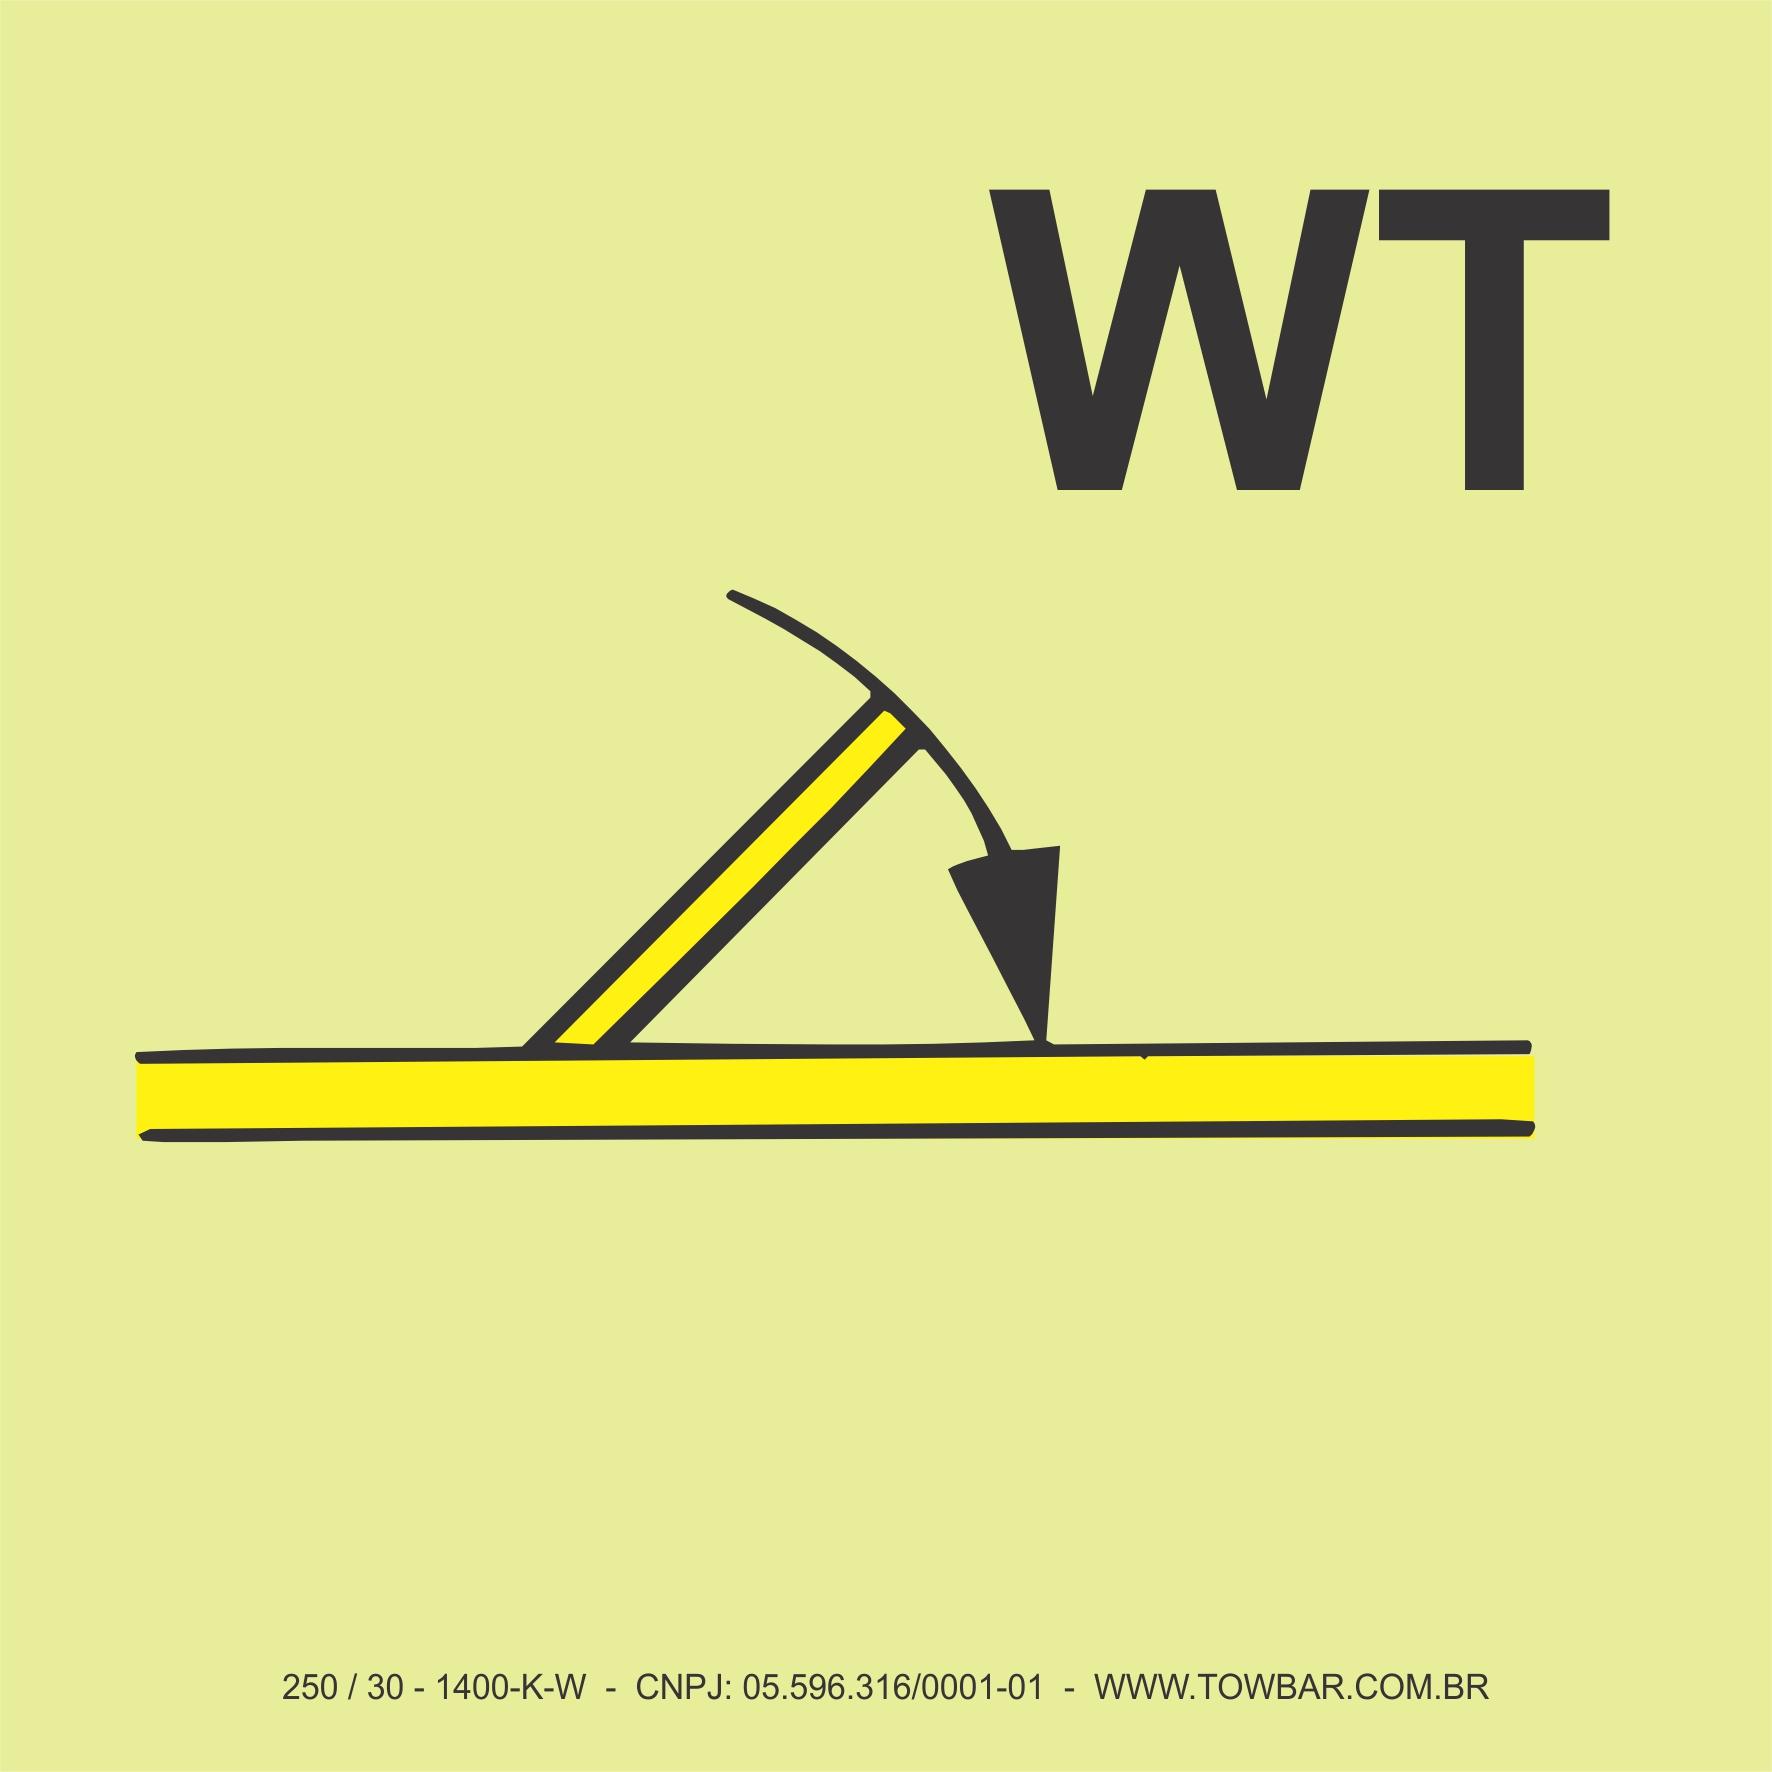 """Porta corta-fogo fechamento automático classe """"B"""" (""""B"""" Class Fire Door Self Closing (WT))  - Towbar Sinalização de Segurança"""